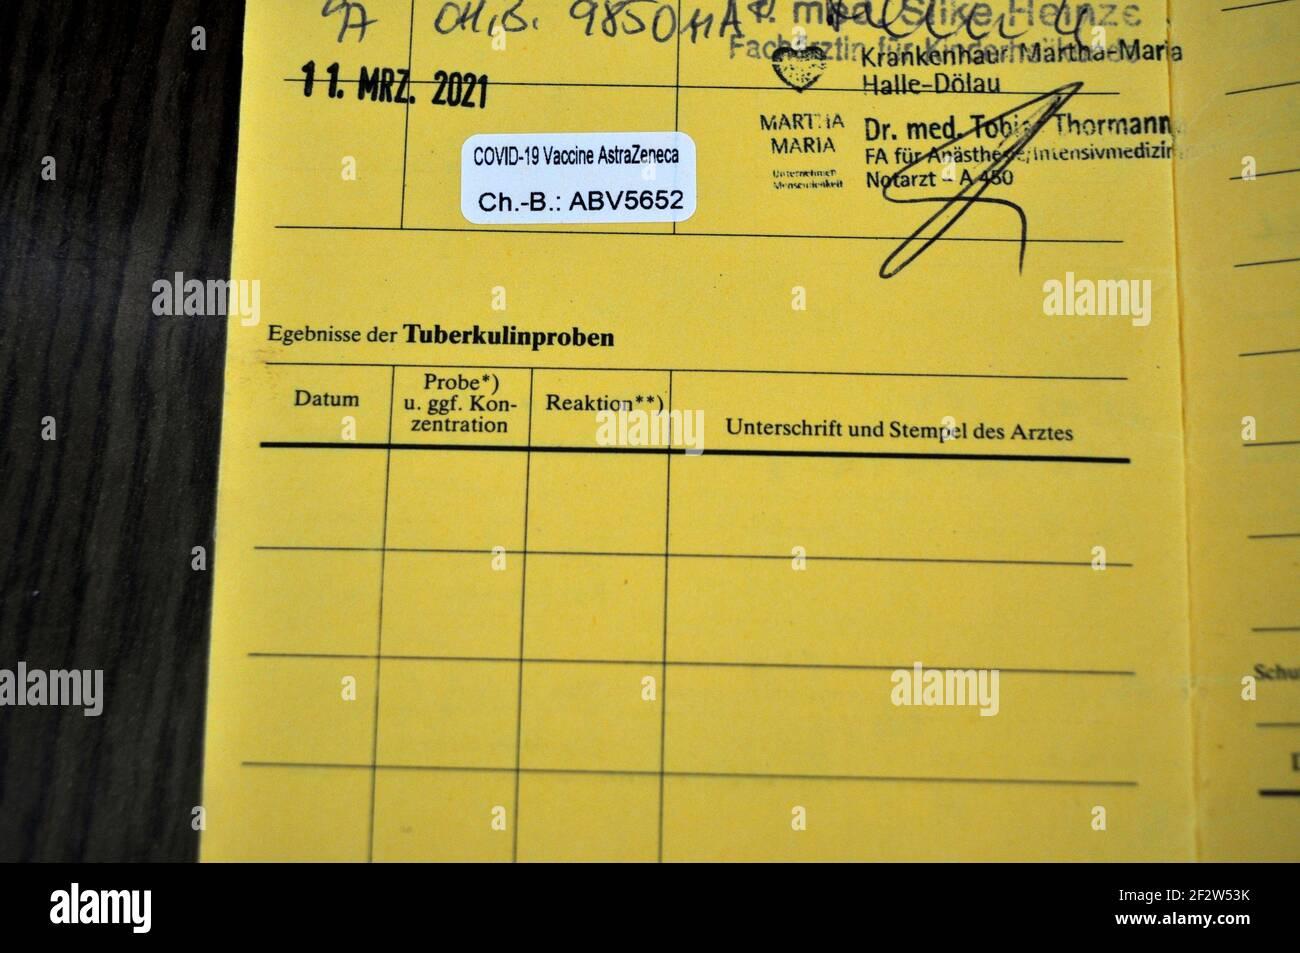 ein Eintrag einer Corona Impfung mit dem Impstoff des Pharmakonzern AstraZeneca in einem Impfausweis Foto Stock